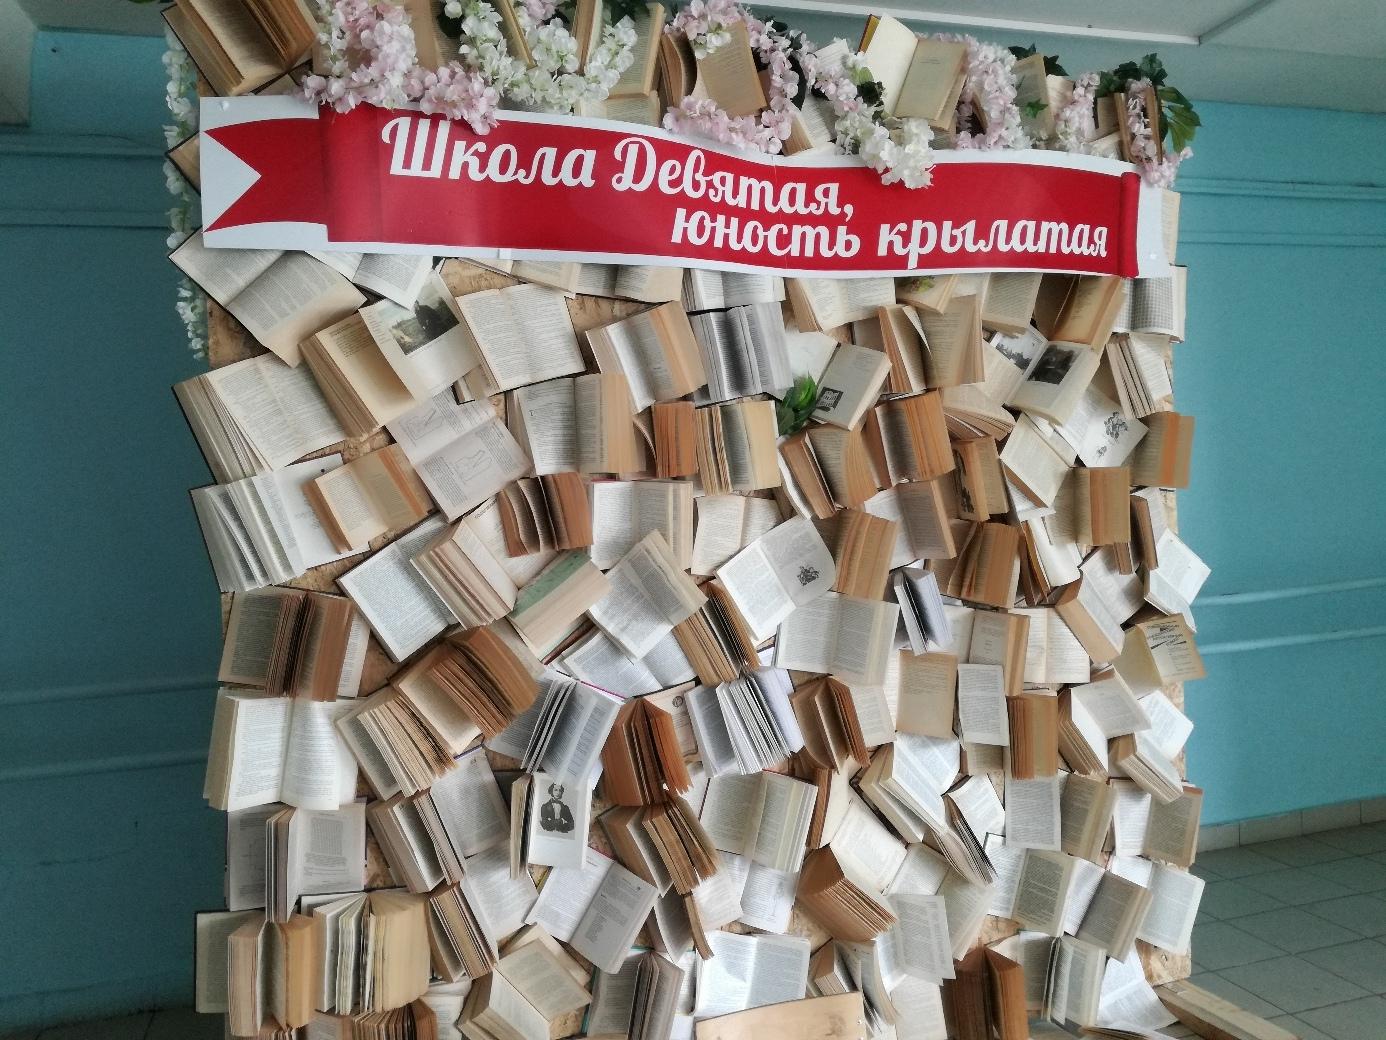 Подарок выпускников школе. Фотозона из книг... прибитых к фанере и сверху украшенная искусственными цветами. Как вам так